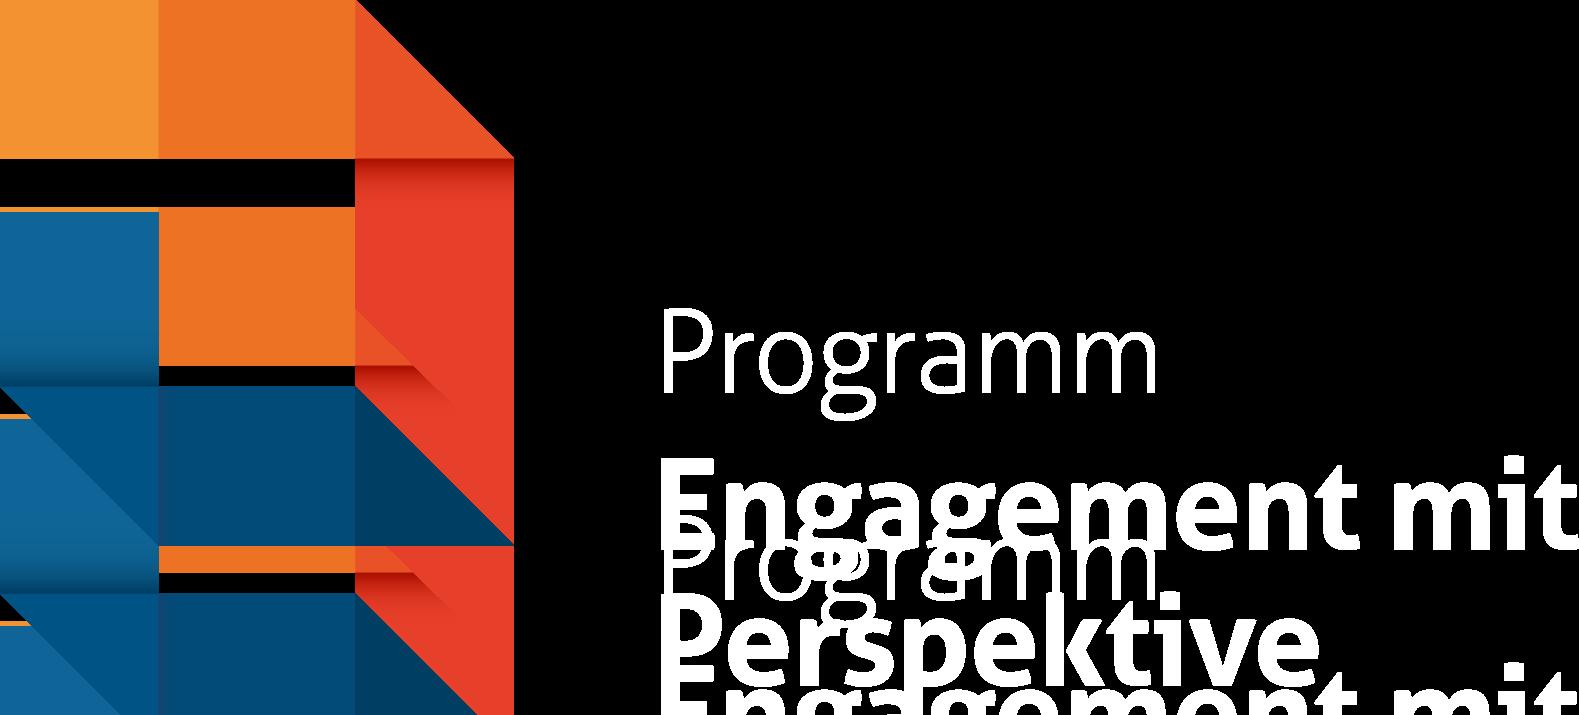 Programm Engagement mit Perspektive